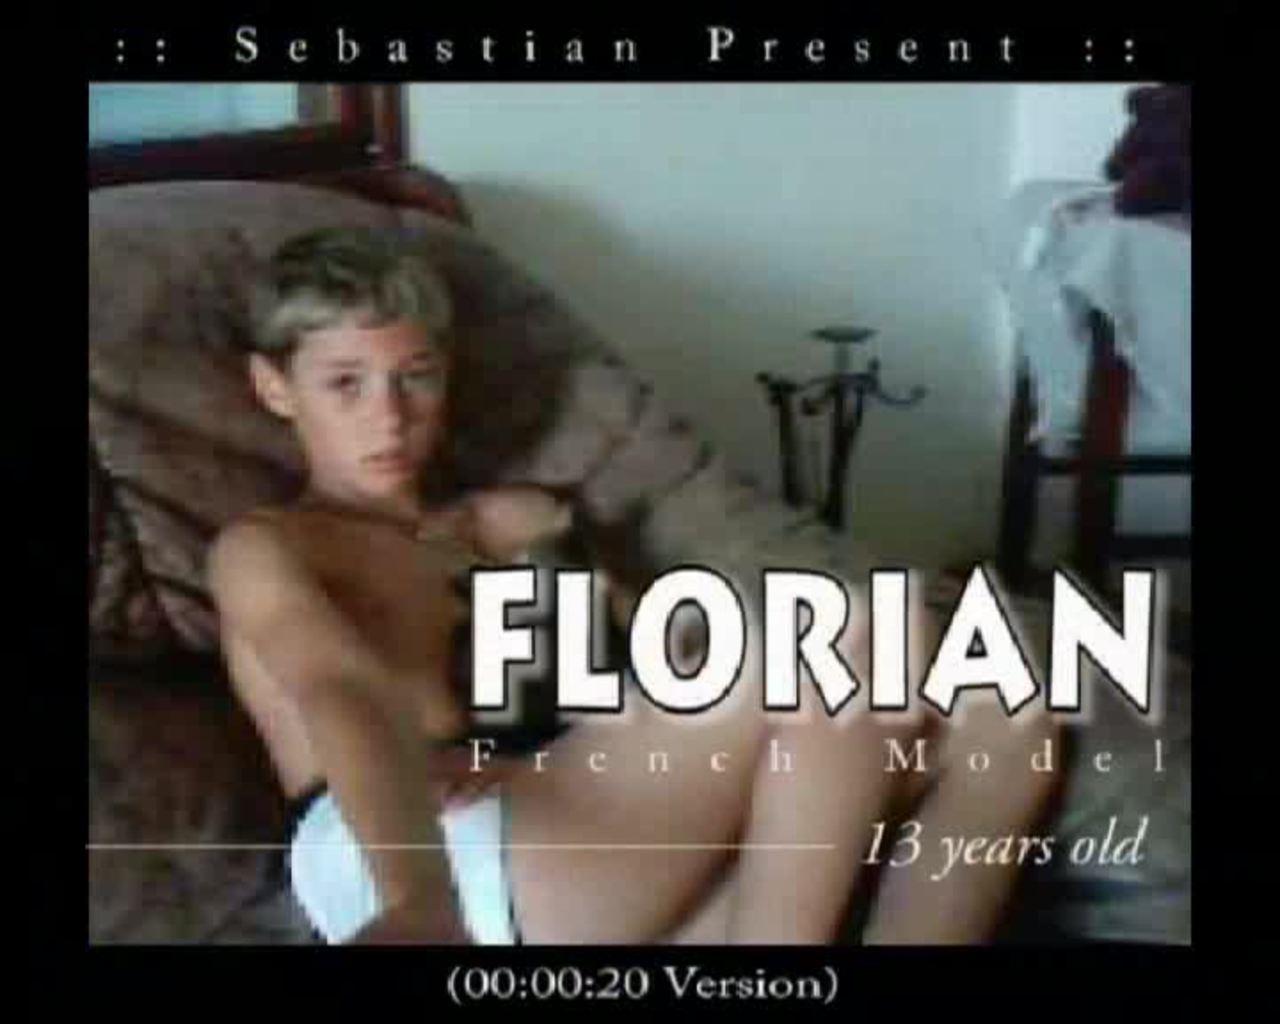 florian kevin poddelka naked: lite.jpg4.net/florian+kevin+poddelka+naked/pic1.html